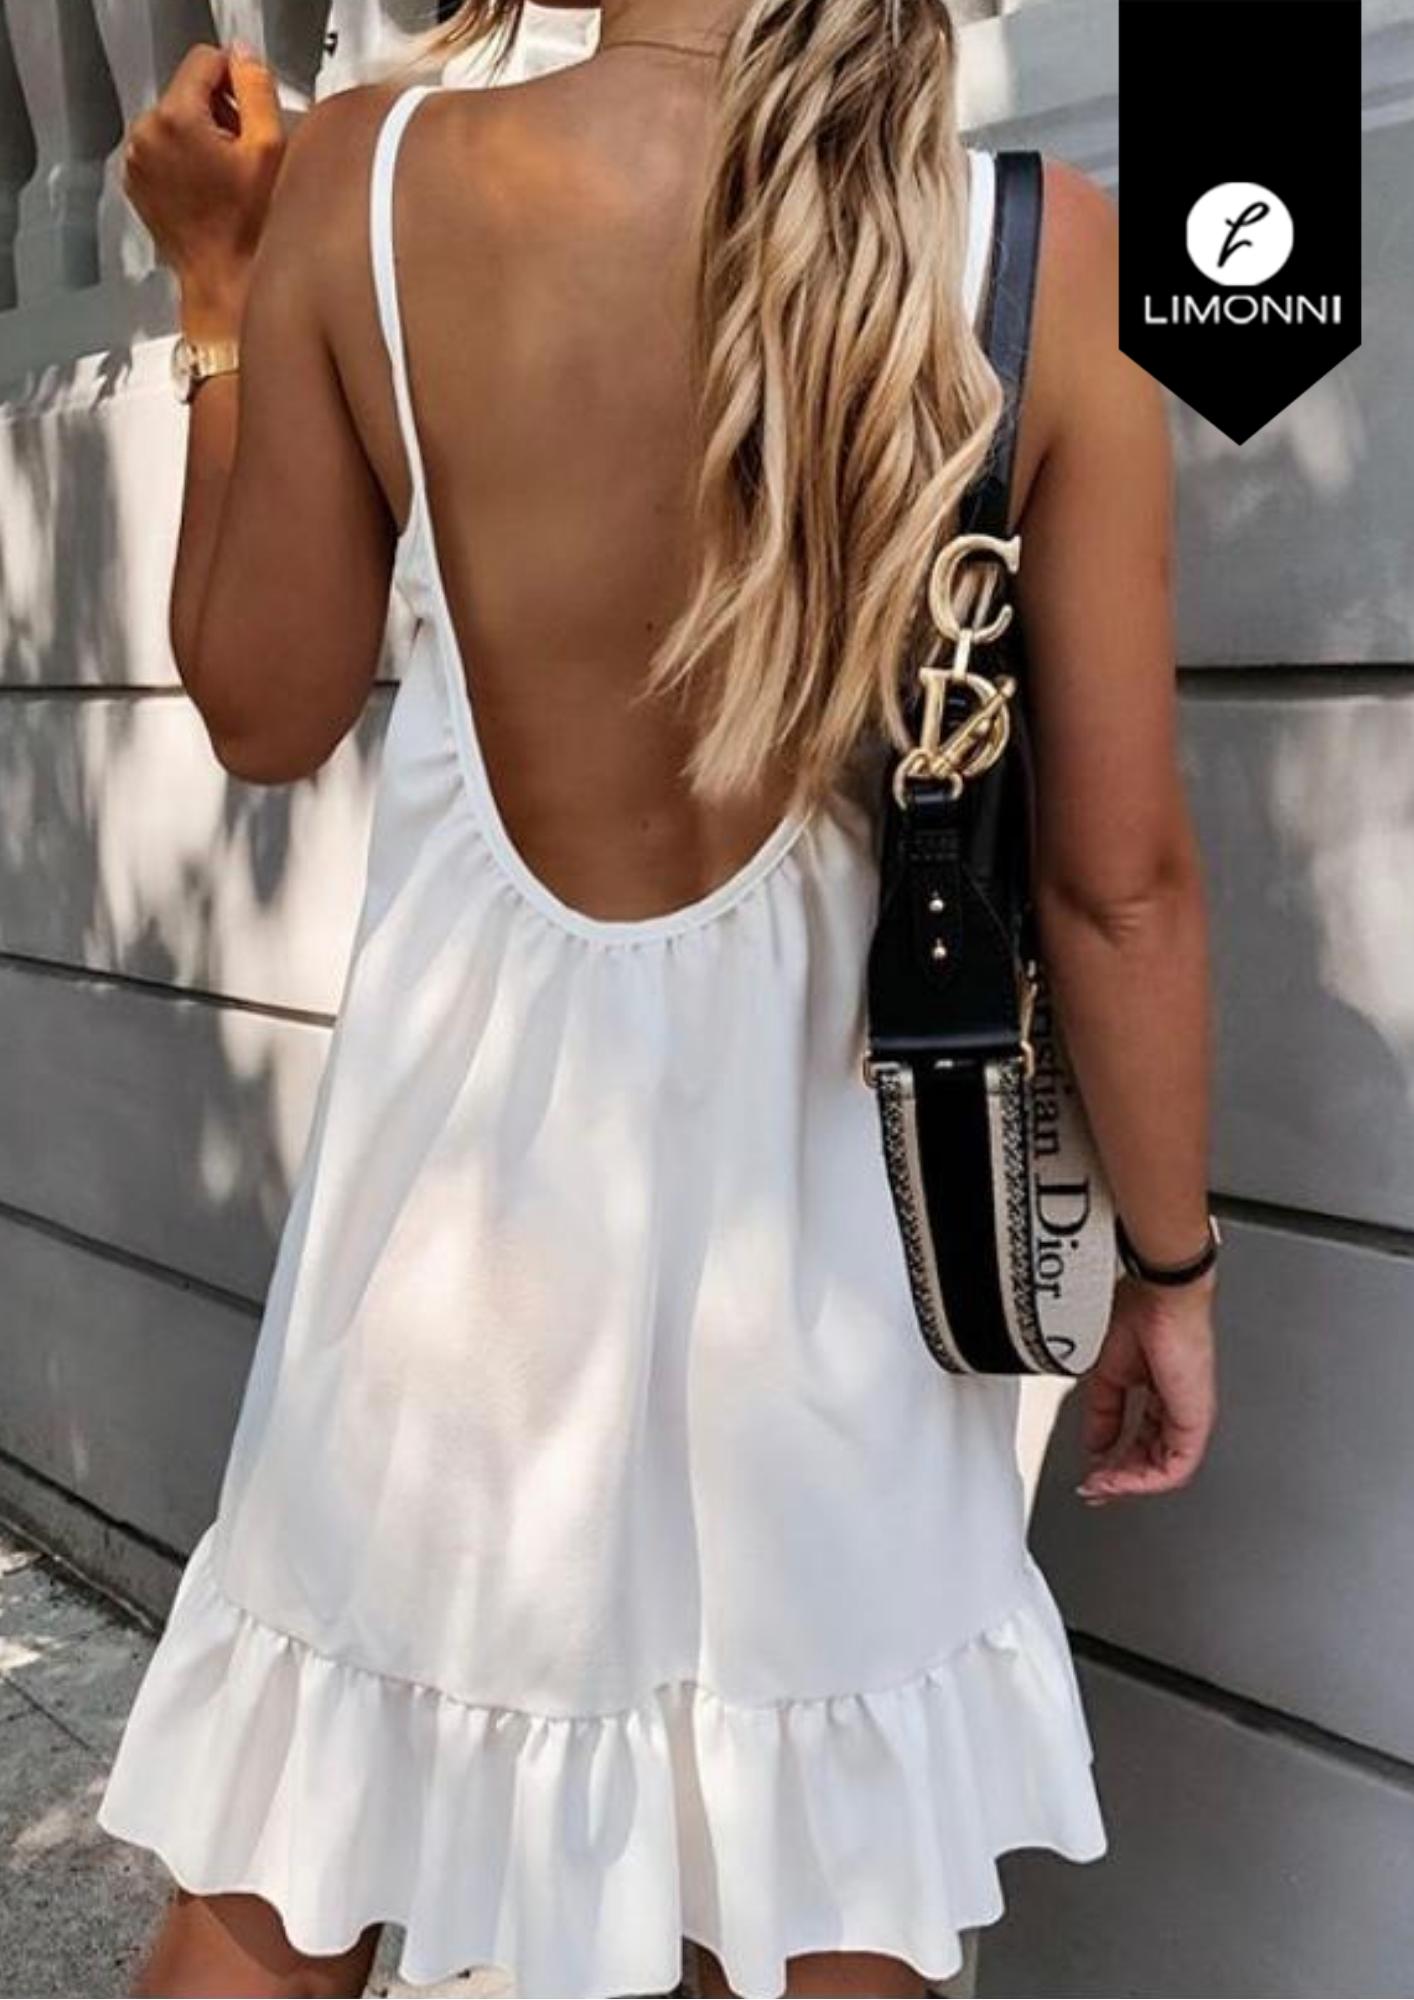 Vestidos para mujer Limonni Visionary LI3212 Cortos Casuales